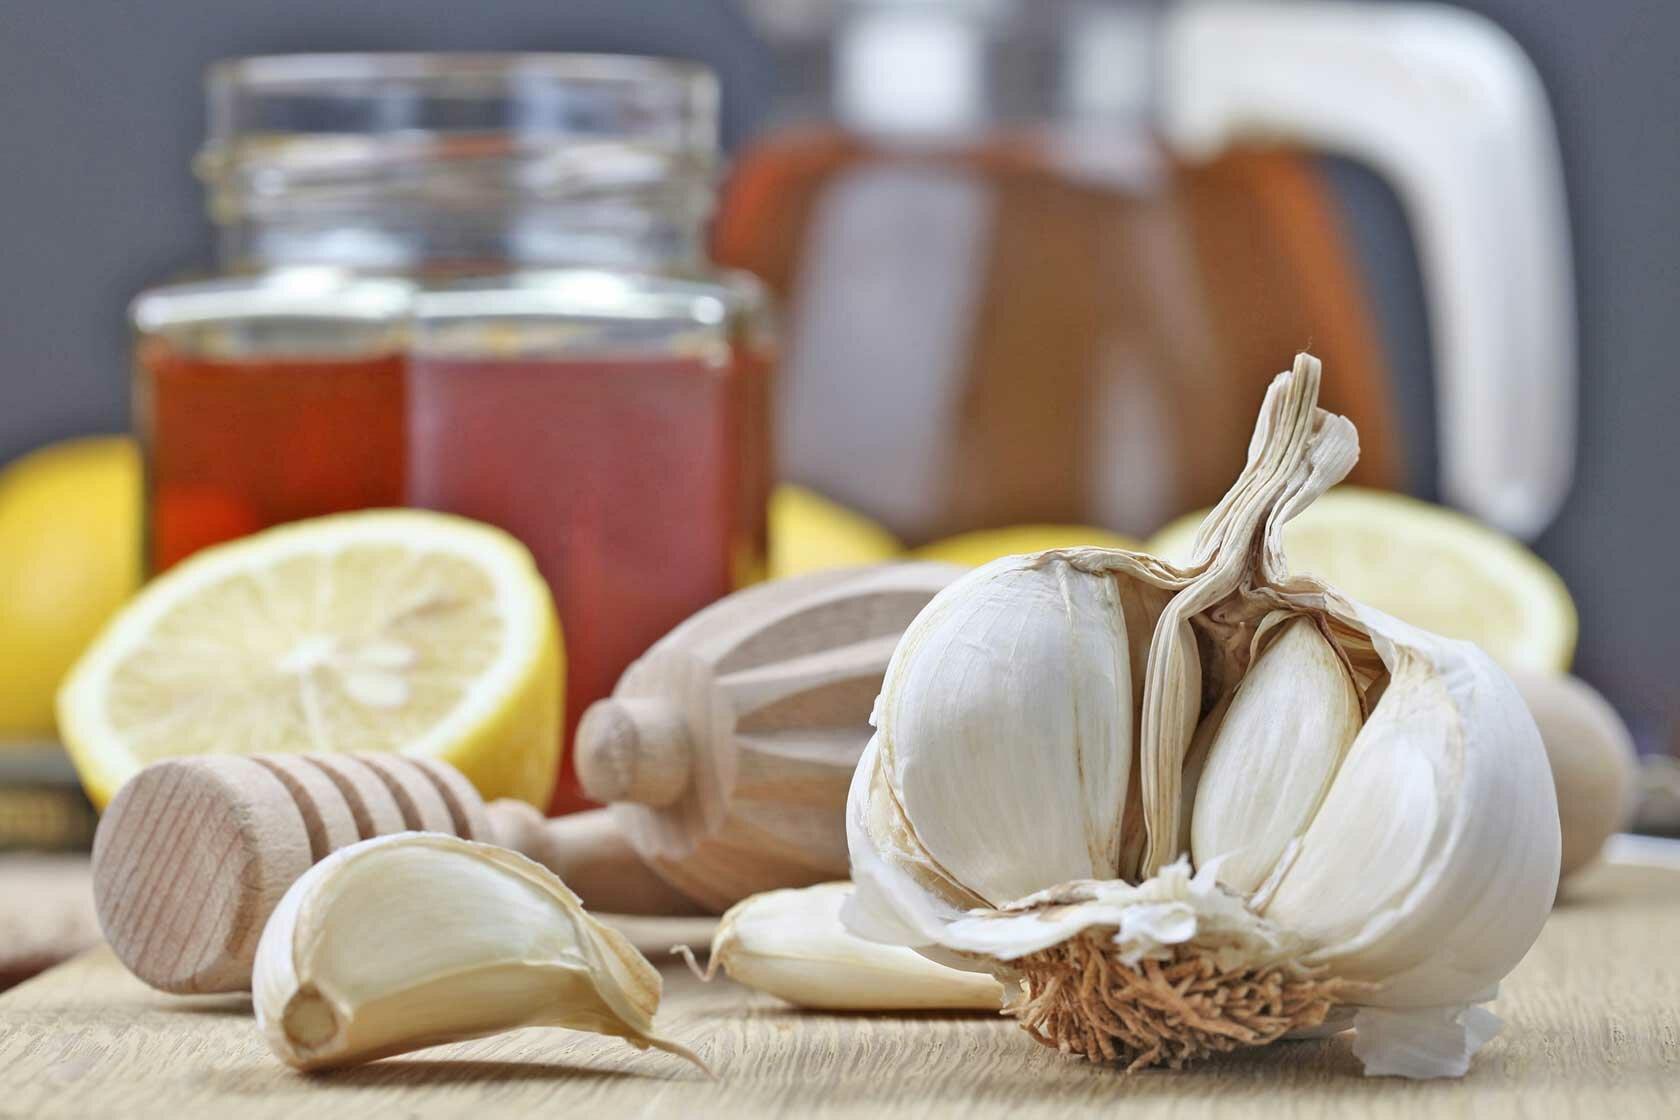 Лук мед от простатита как узнать есть ли у мужчины простатит